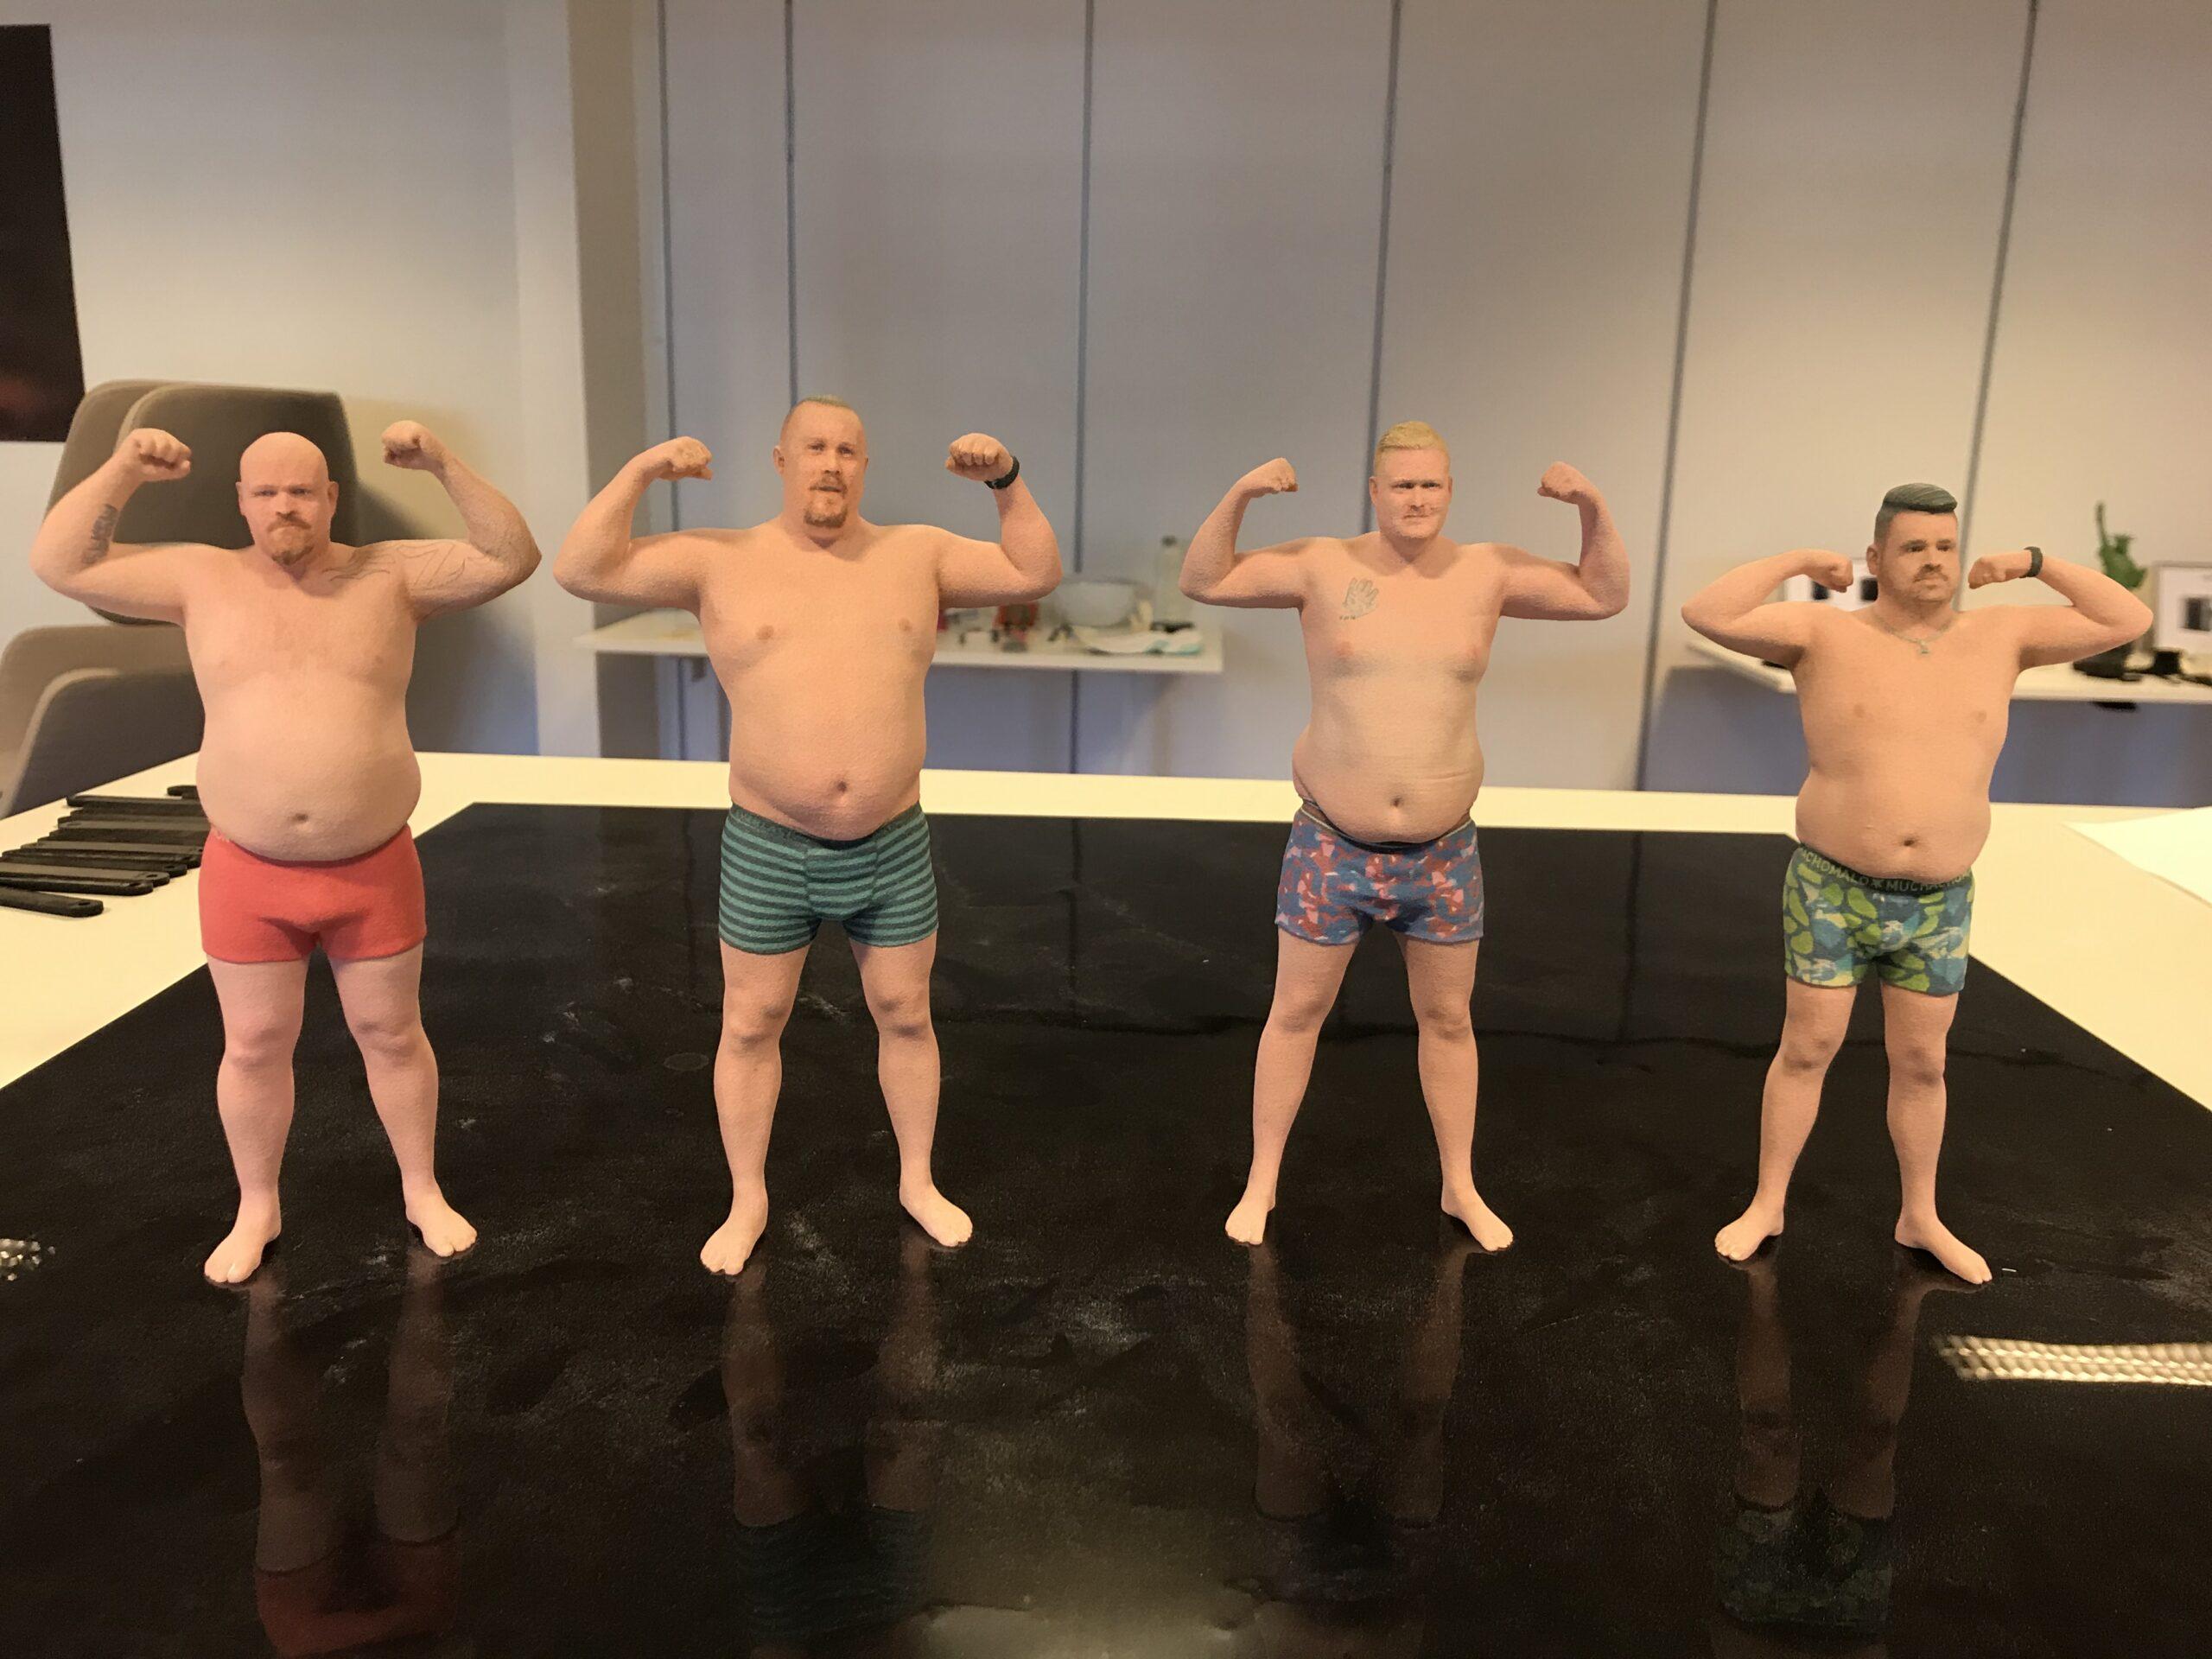 De nye rigtige mænd er blevet 3D-printet hos IBA Nexttech